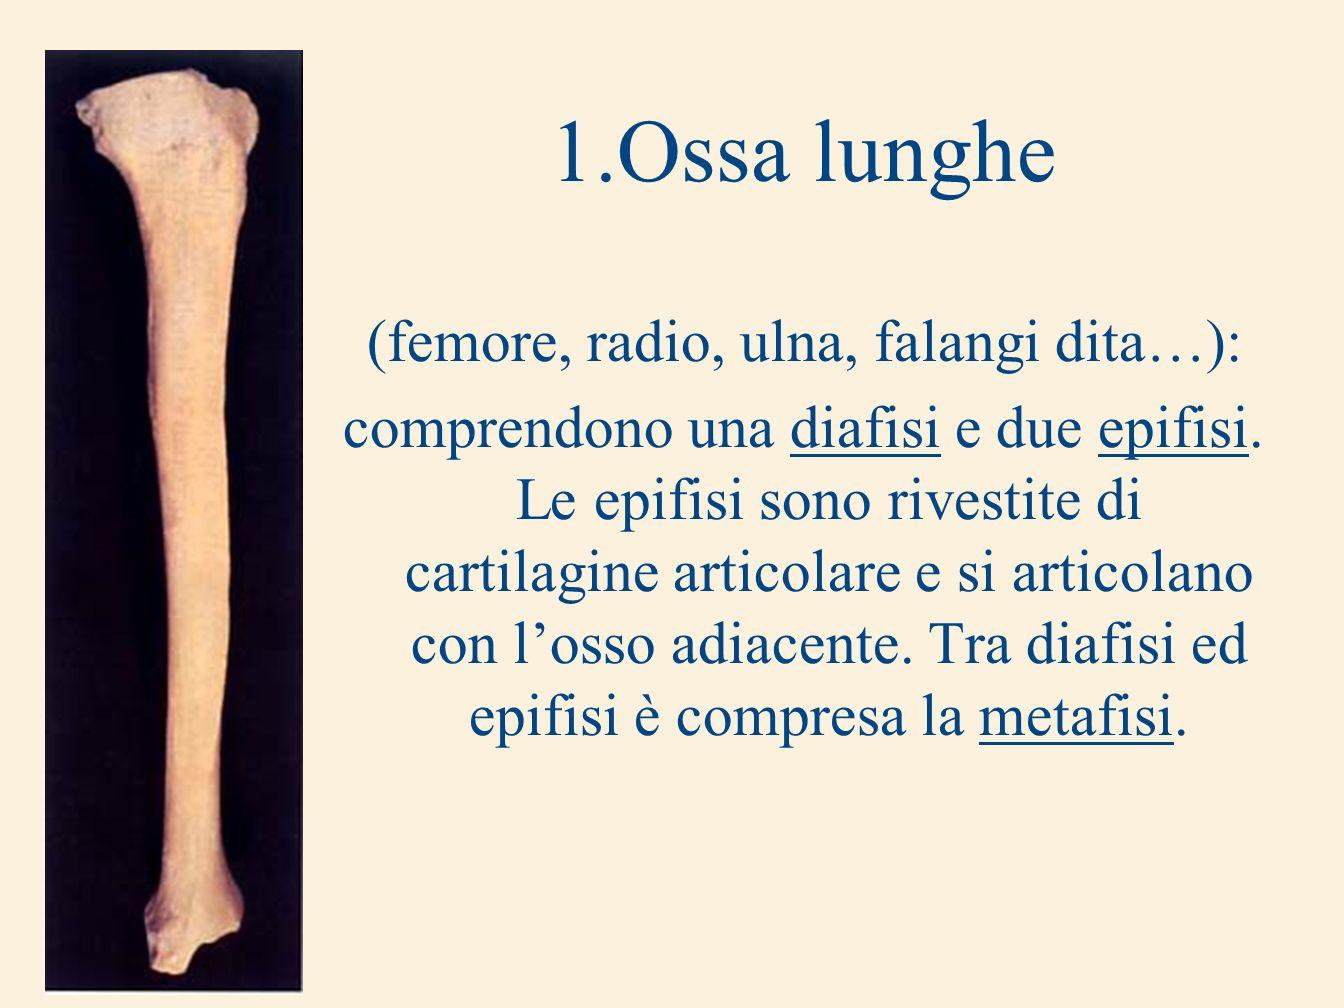 1.Ossa lunghe (femore, radio, ulna, falangi dita…): comprendono una diafisi e due epifisi. Le epifisi sono rivestite di cartilagine articolare e si ar